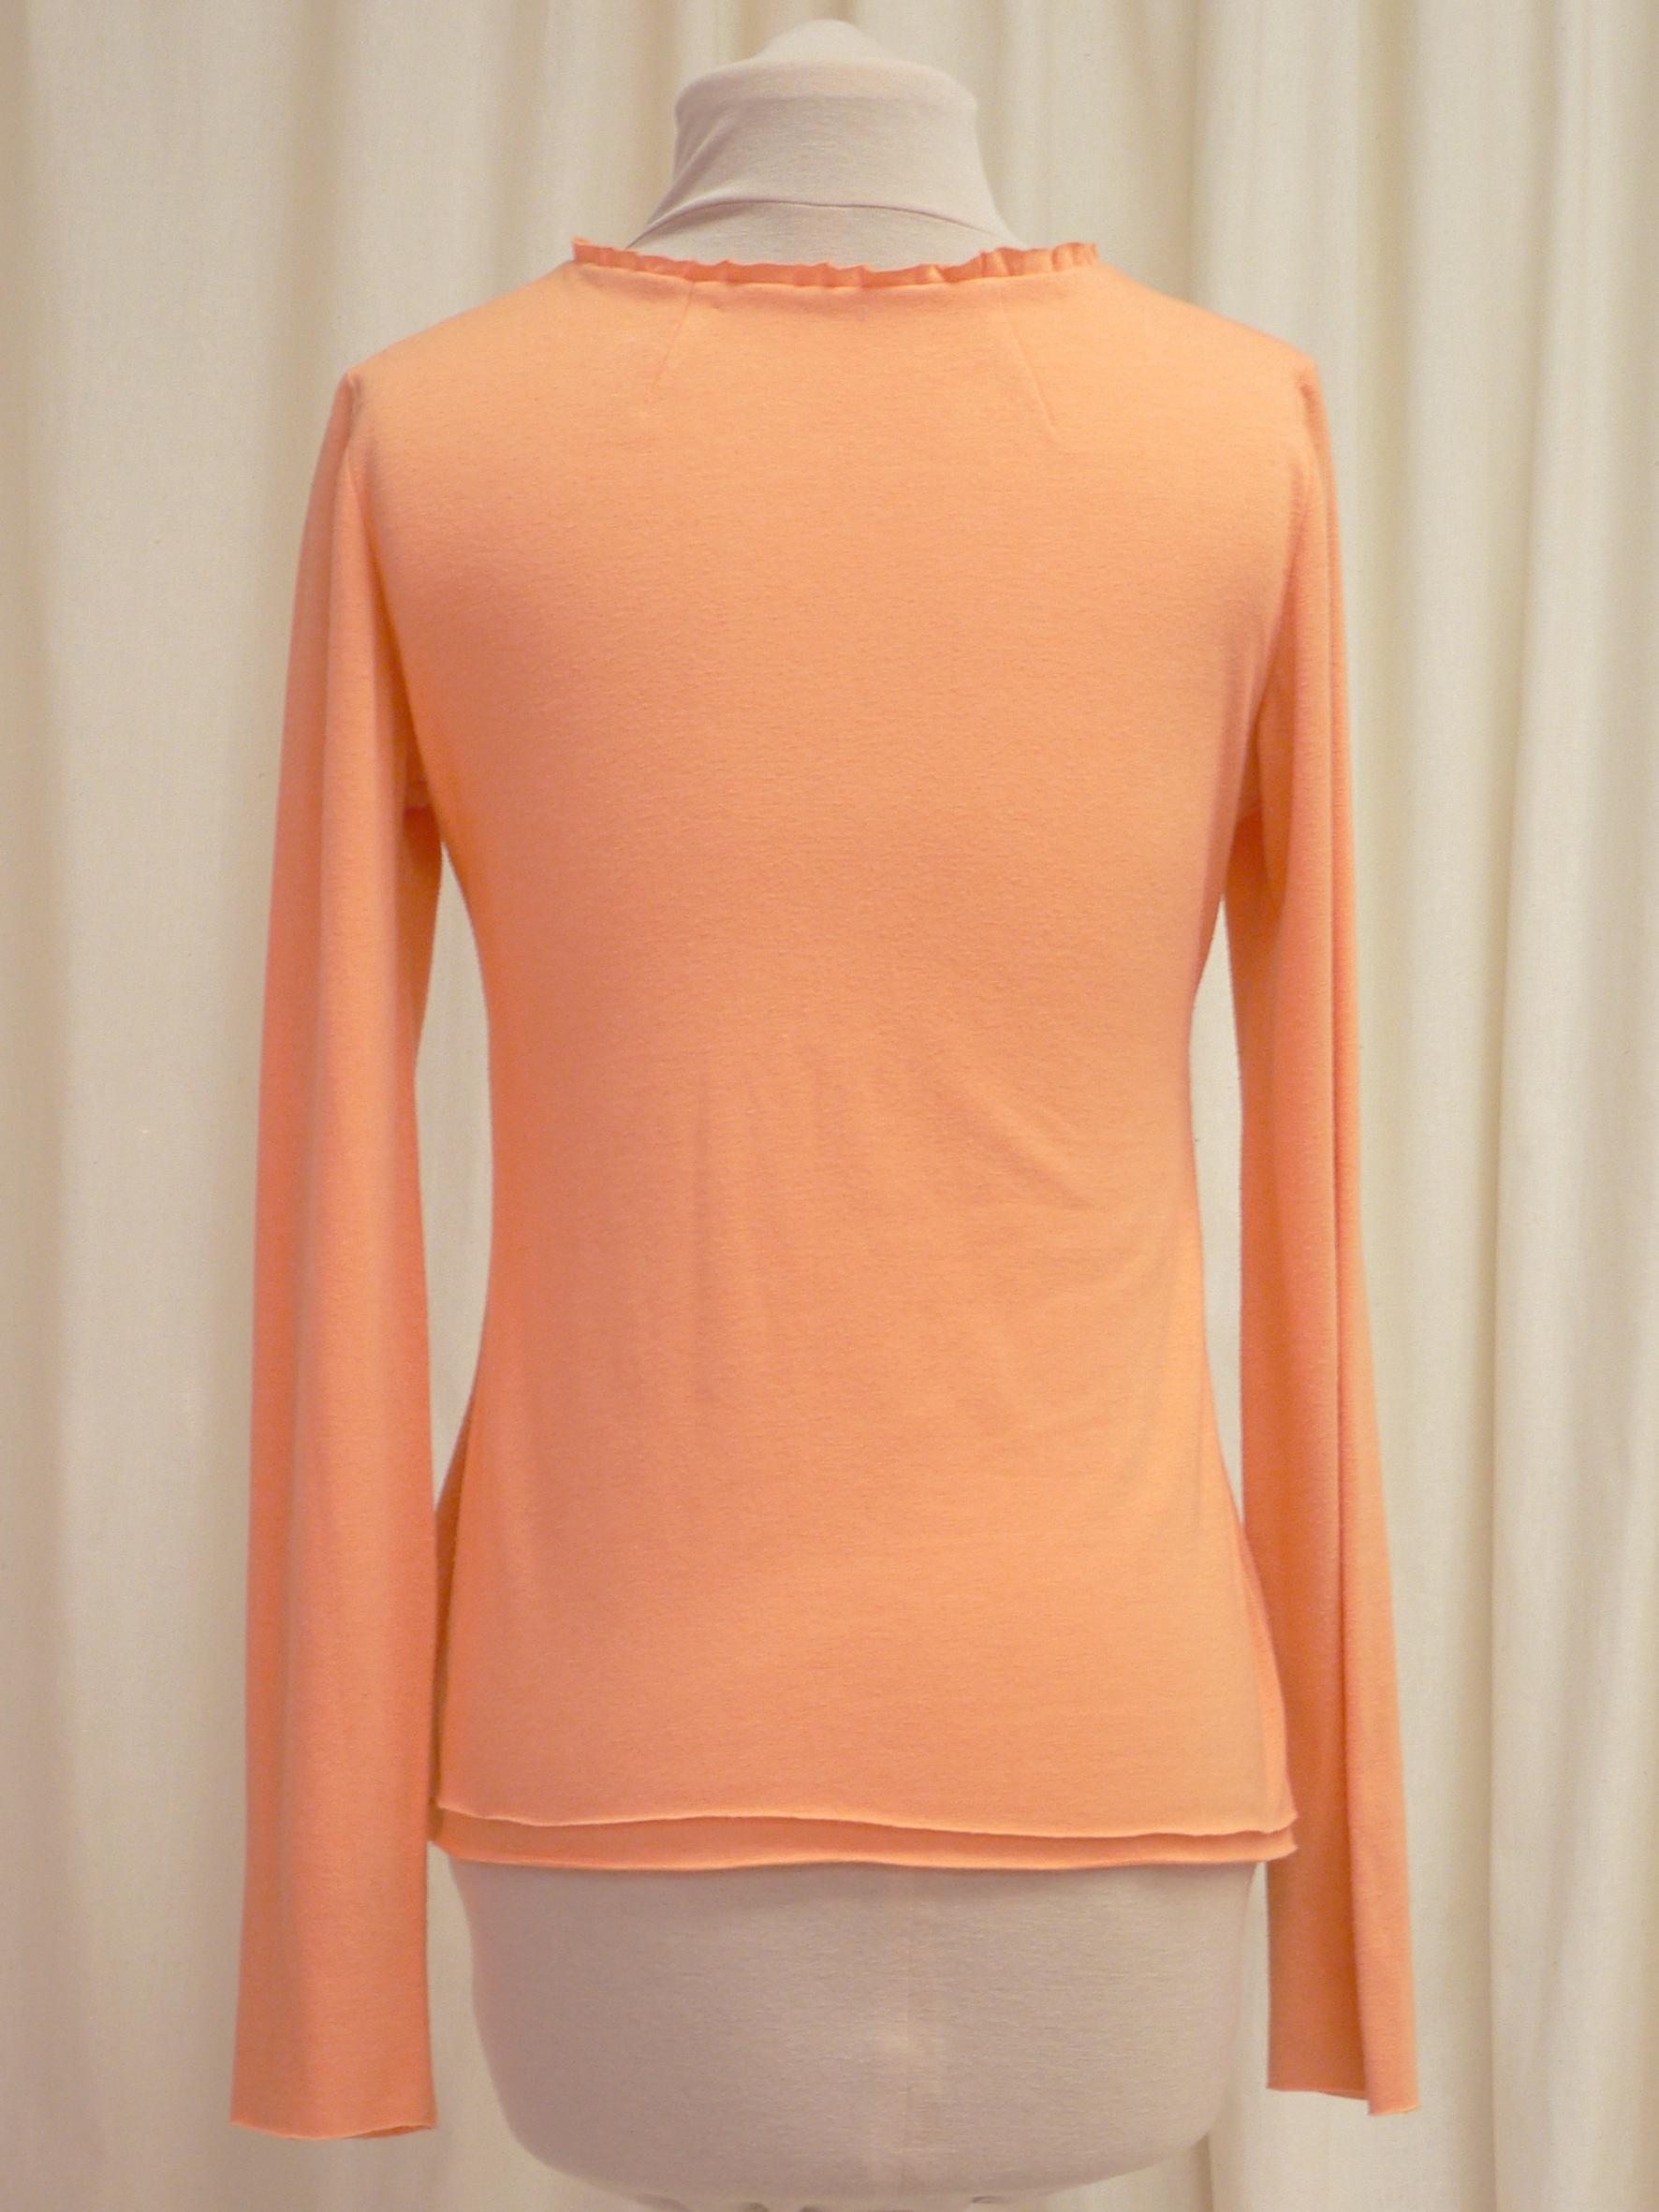 blouse03_back.jpg